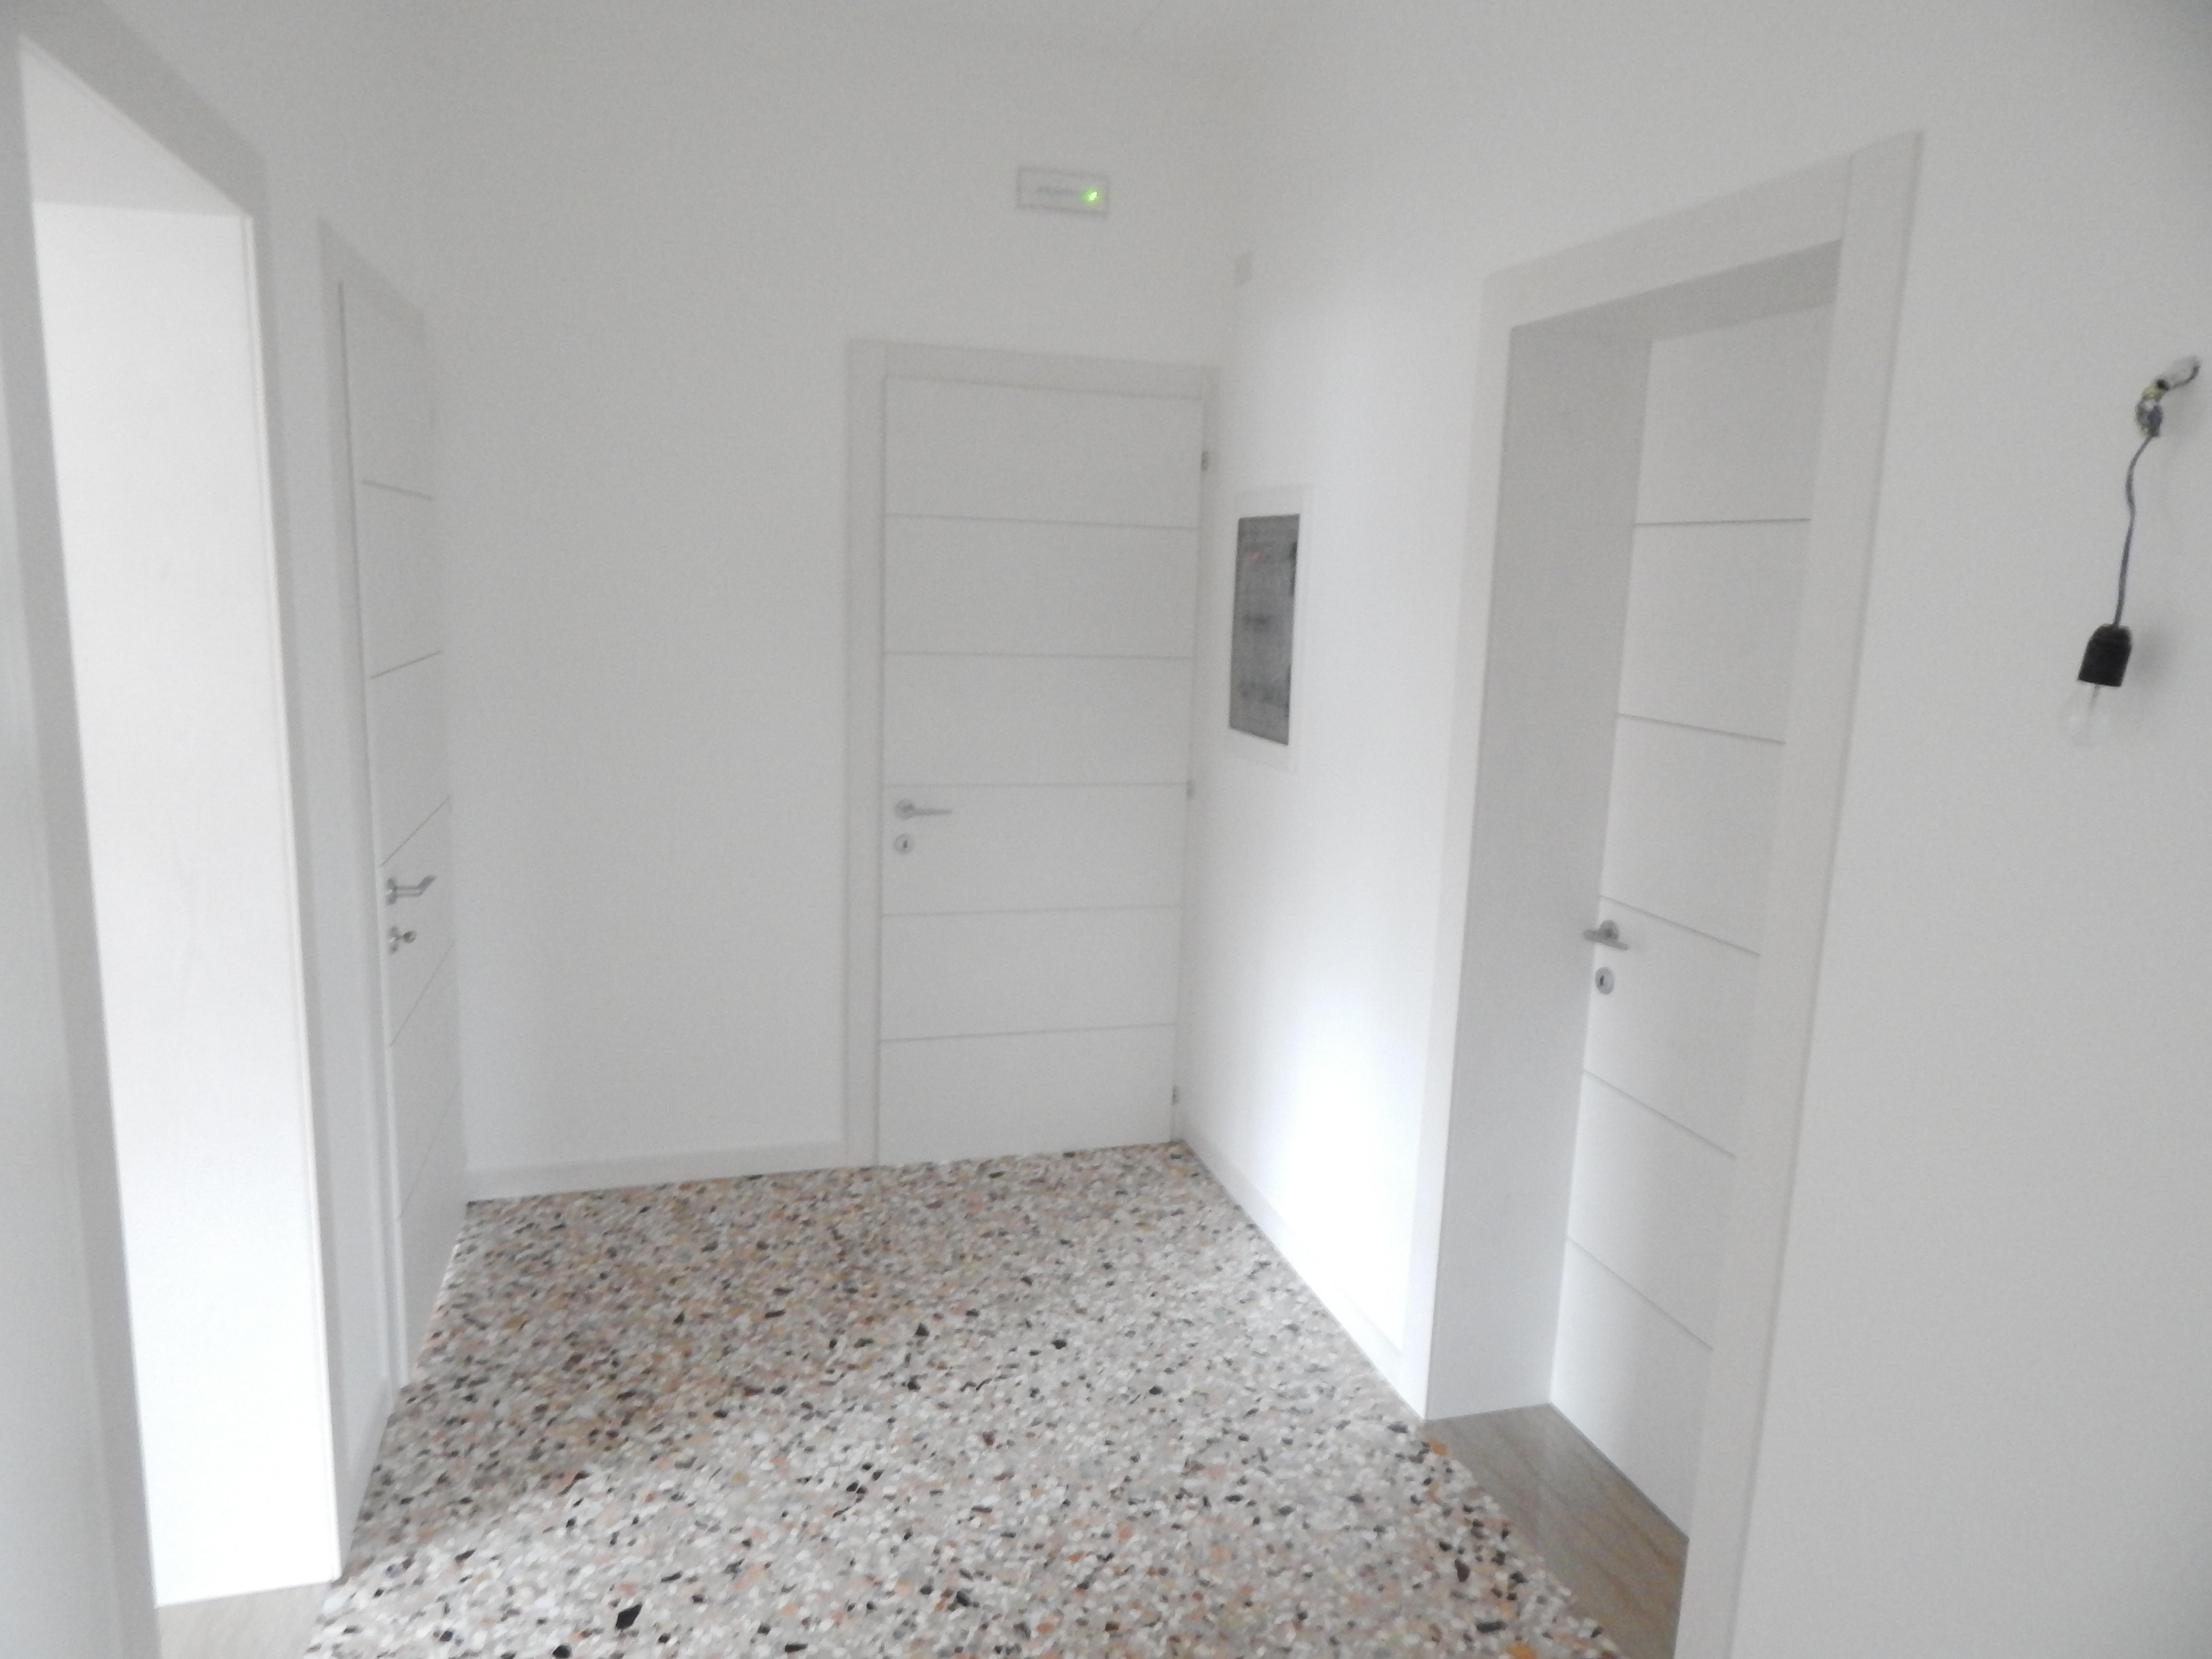 Porte Rovere Sbiancato Spazzolato realizzazione porte in legno padova, porte, finestre